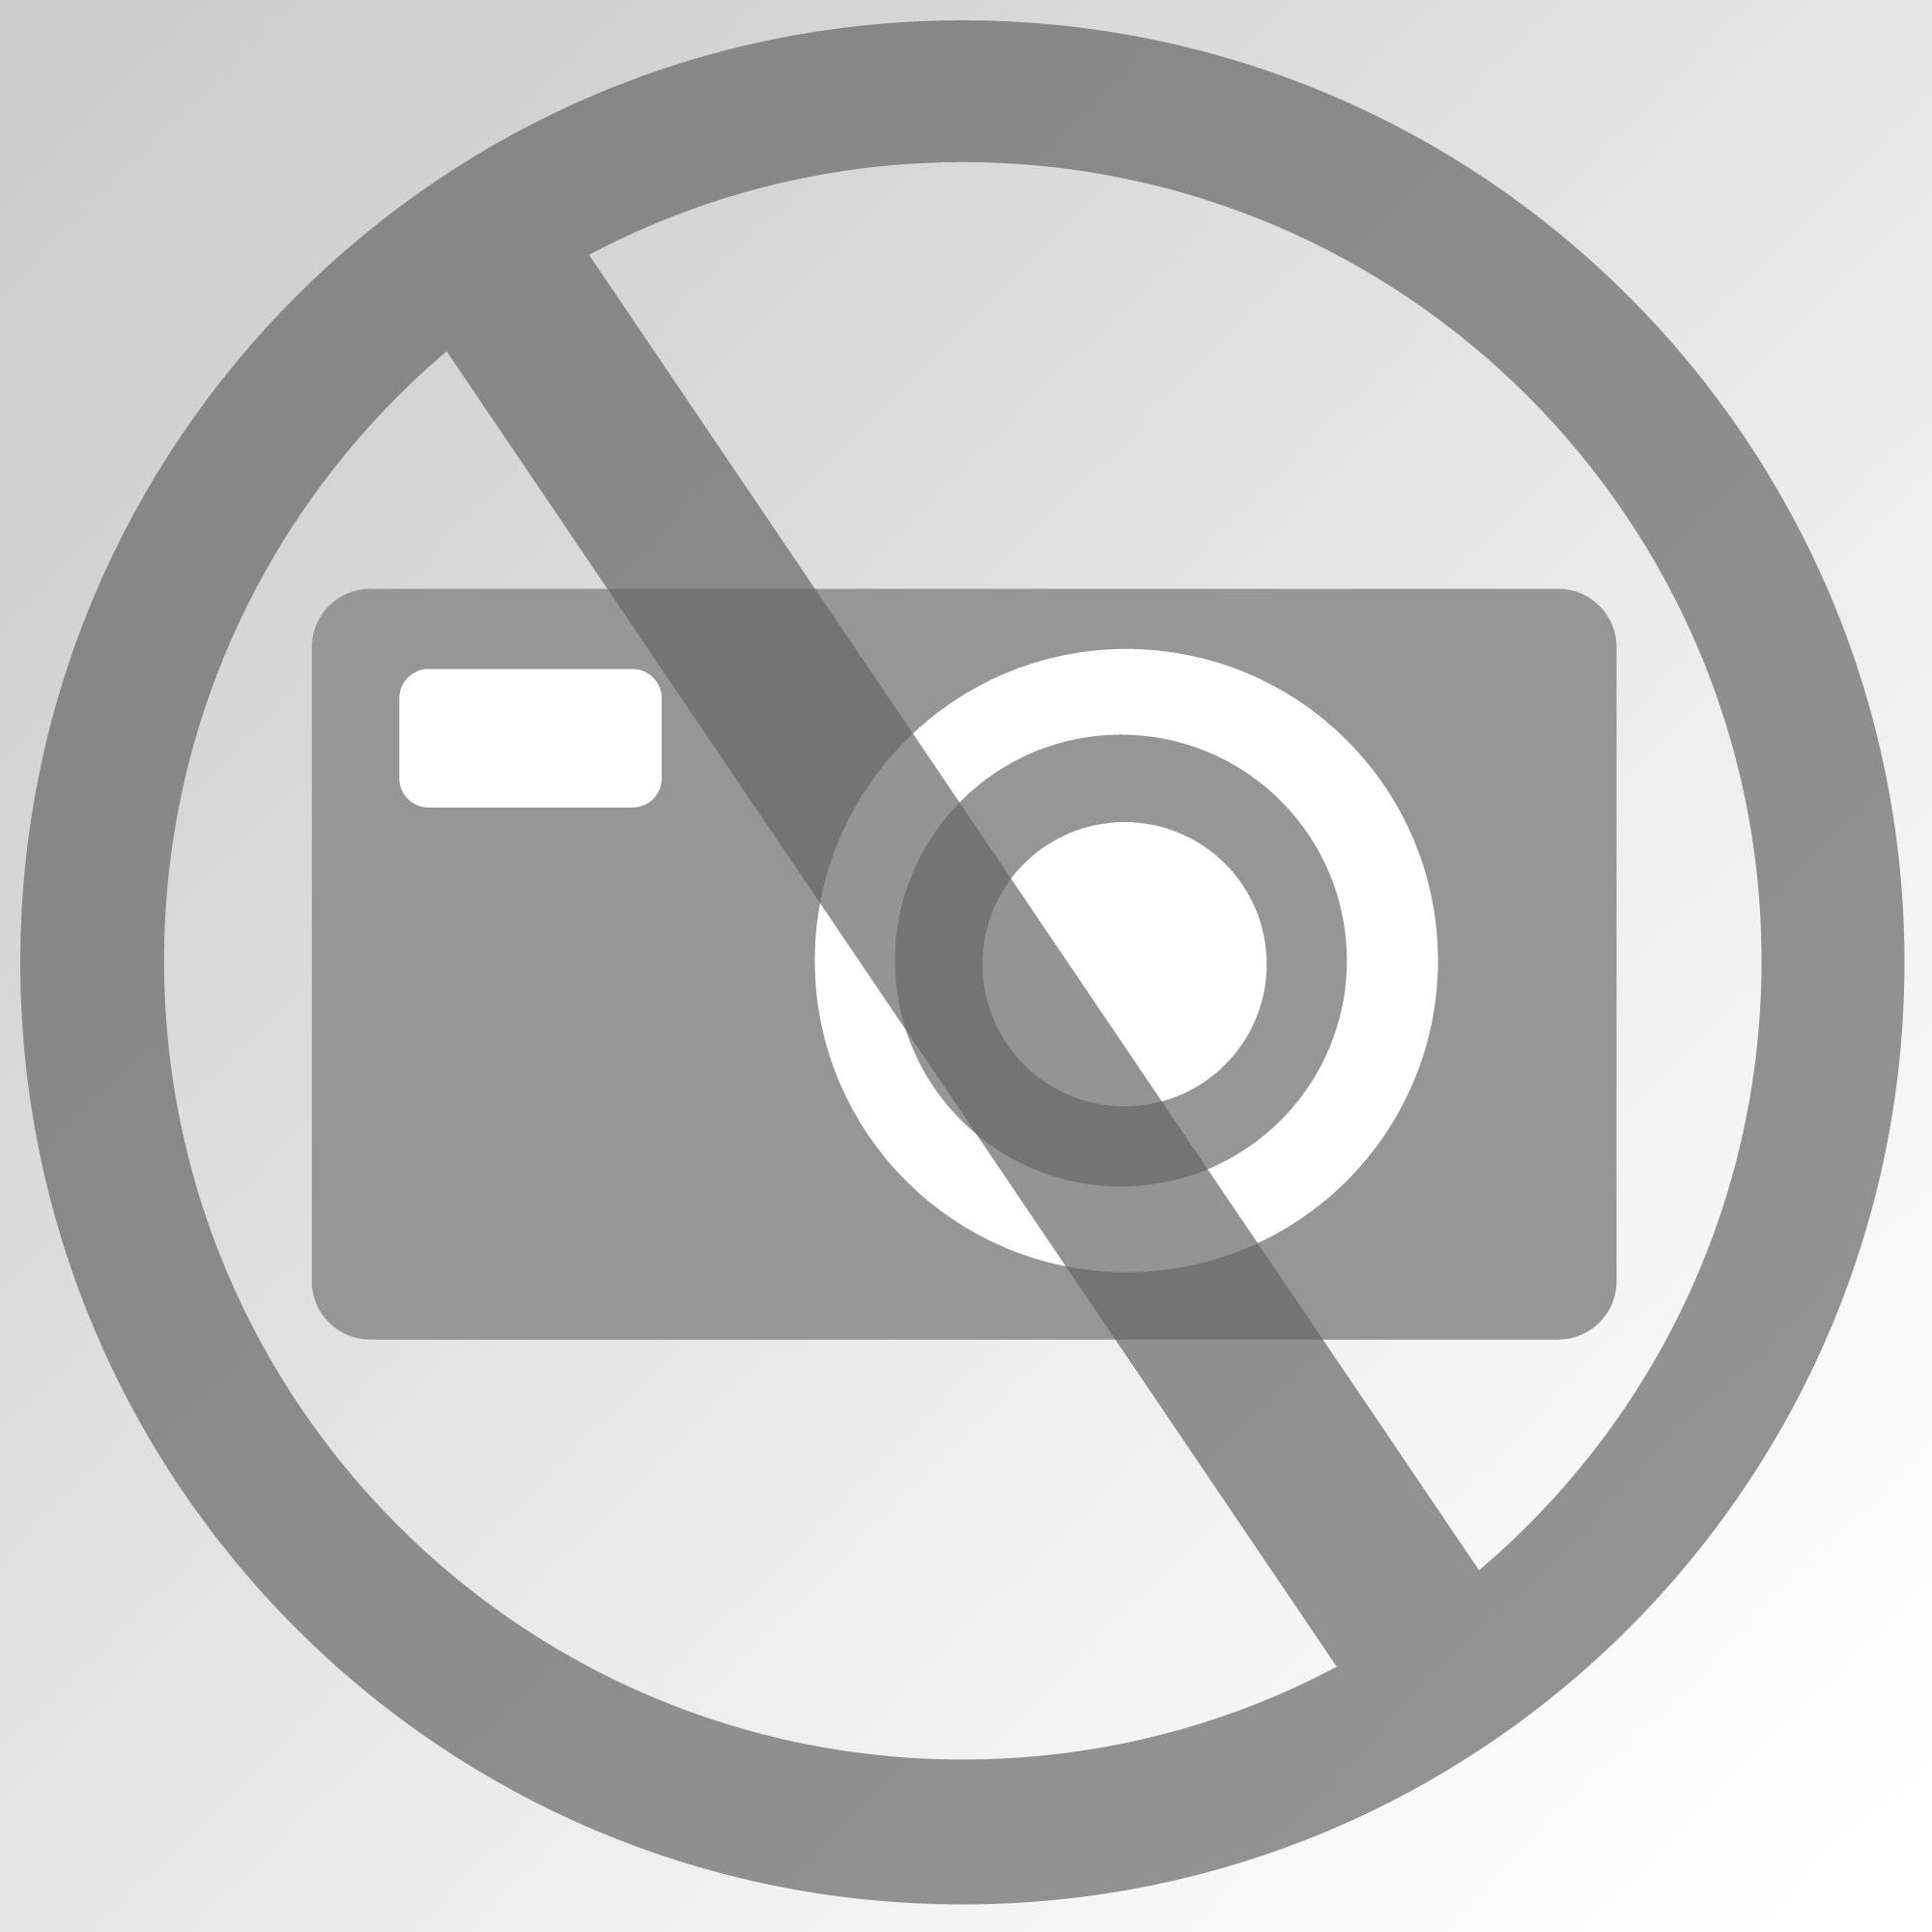 Kleen Purgatis Premium N° 3 Laminat- und Parkettreiniger